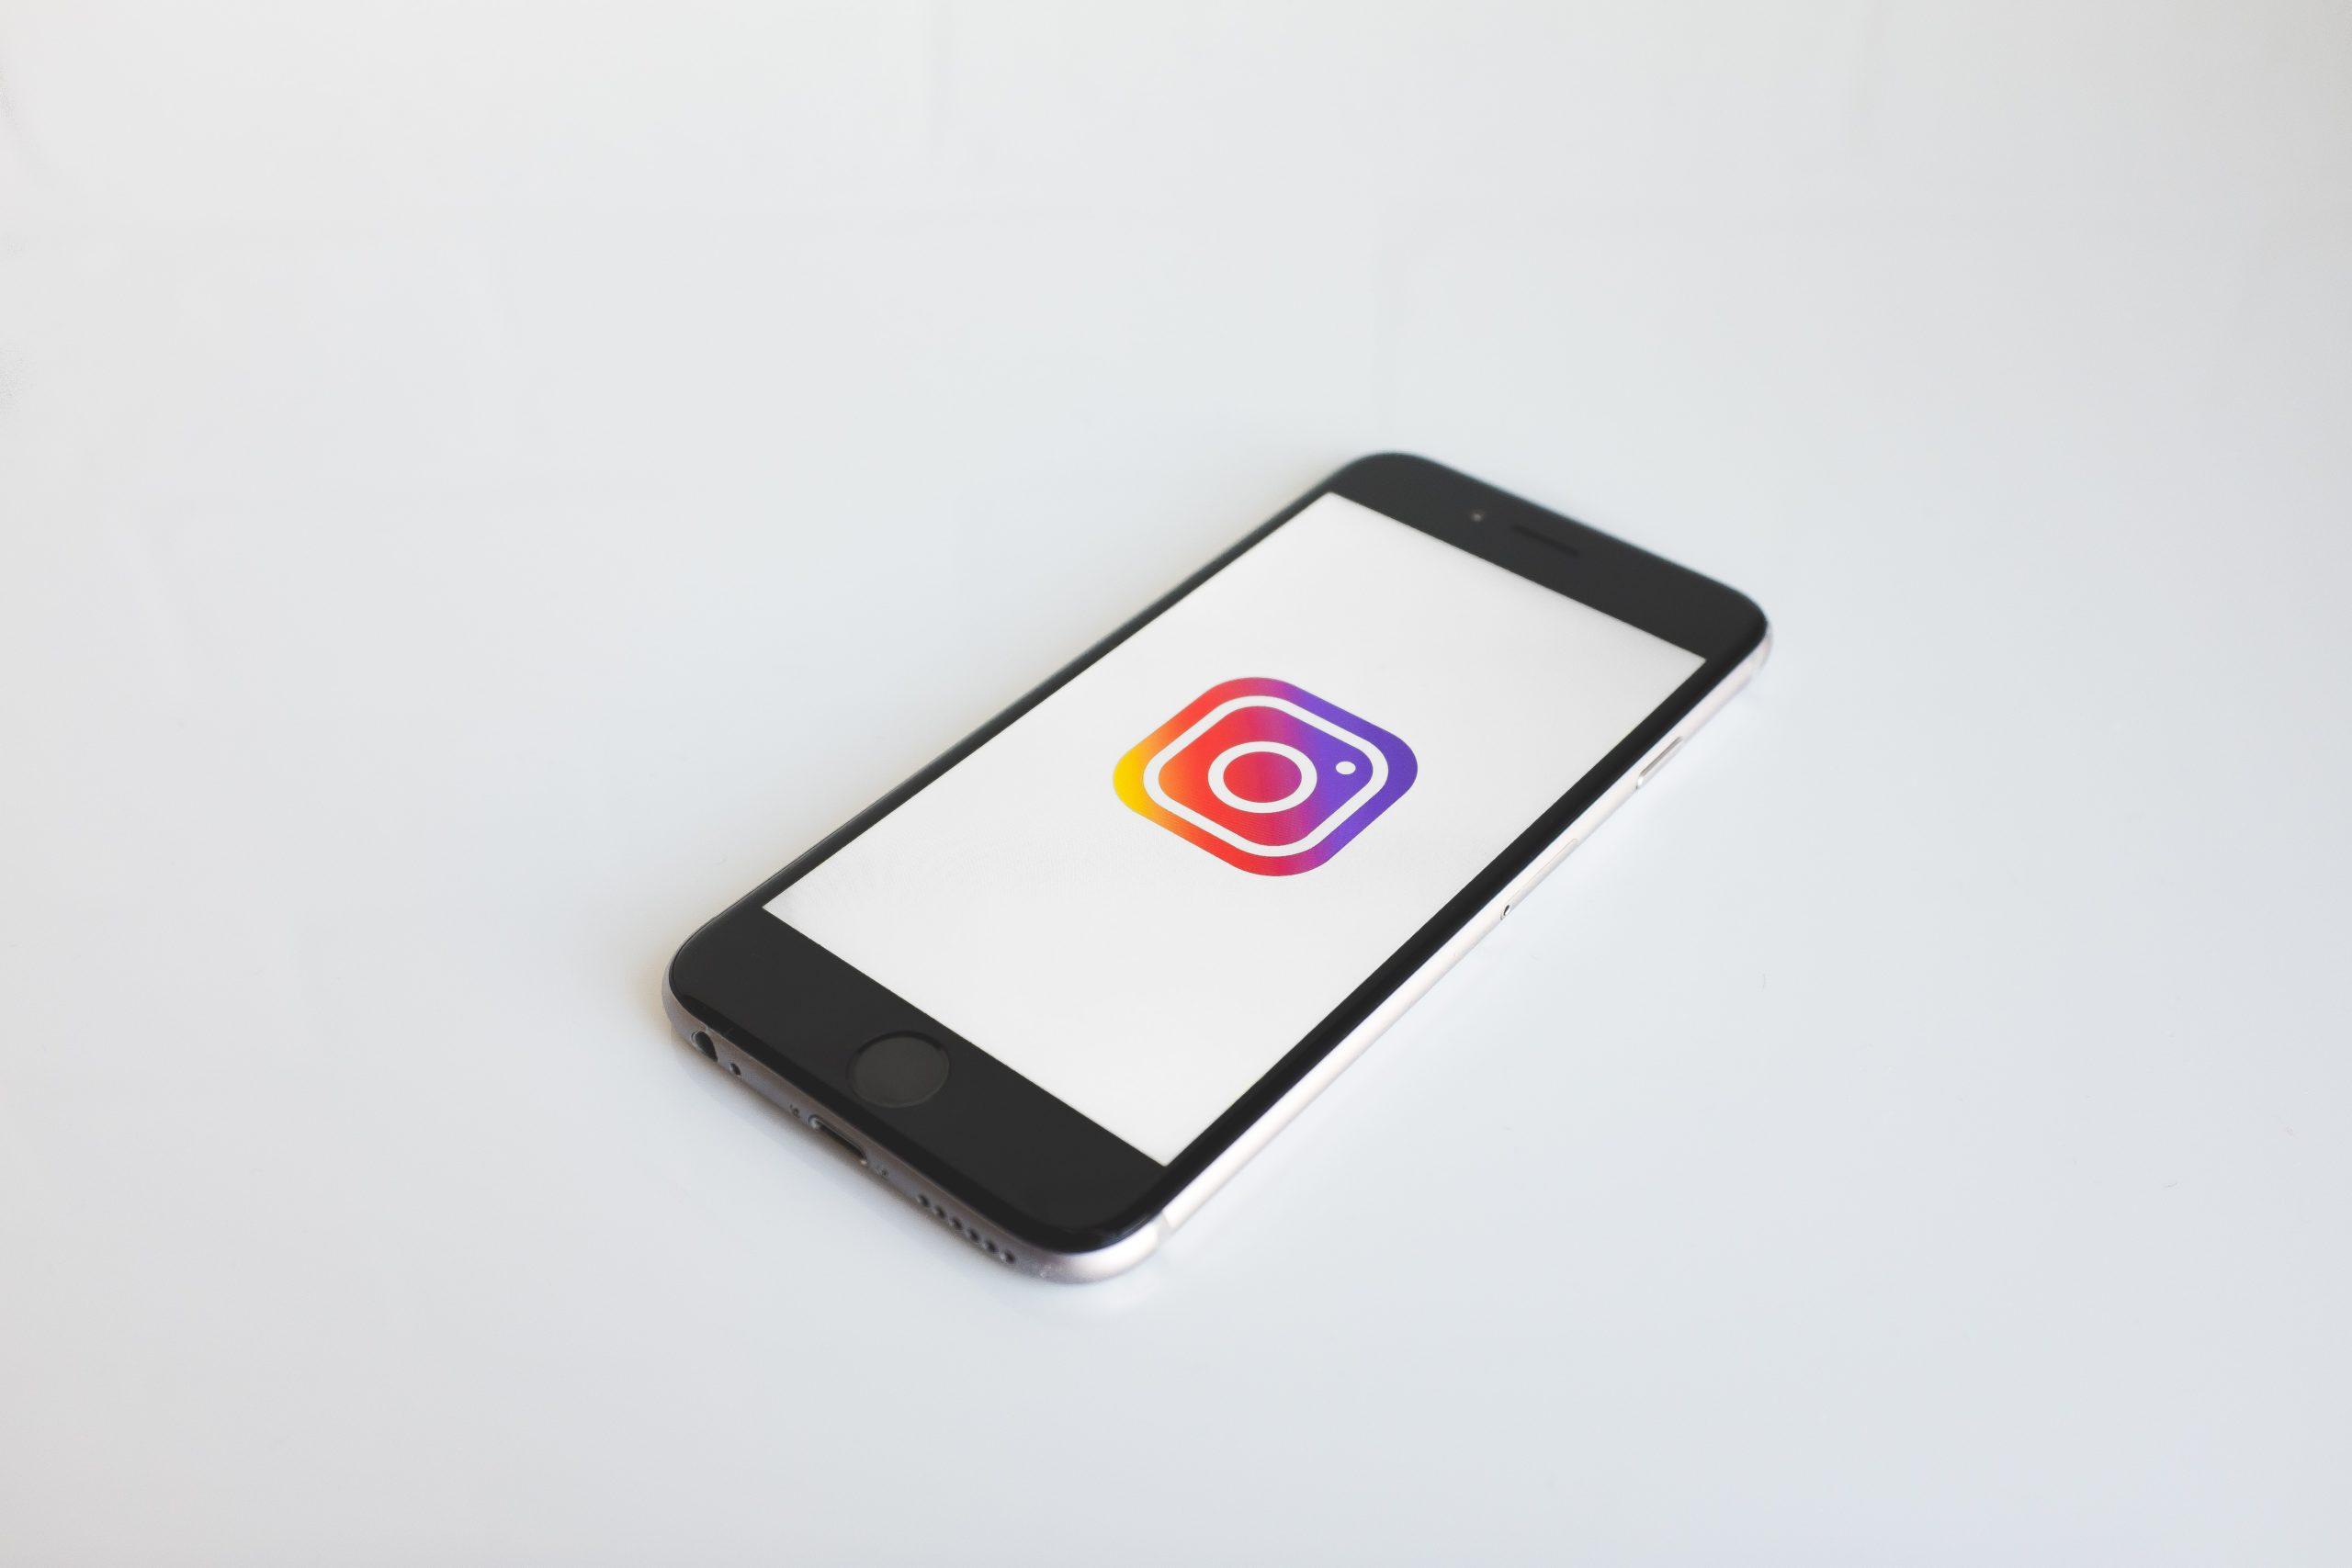 Nova atualização de apps: Facebook Messenger e Direct do Instagram agora podem ser utilizadas de forma integrada.